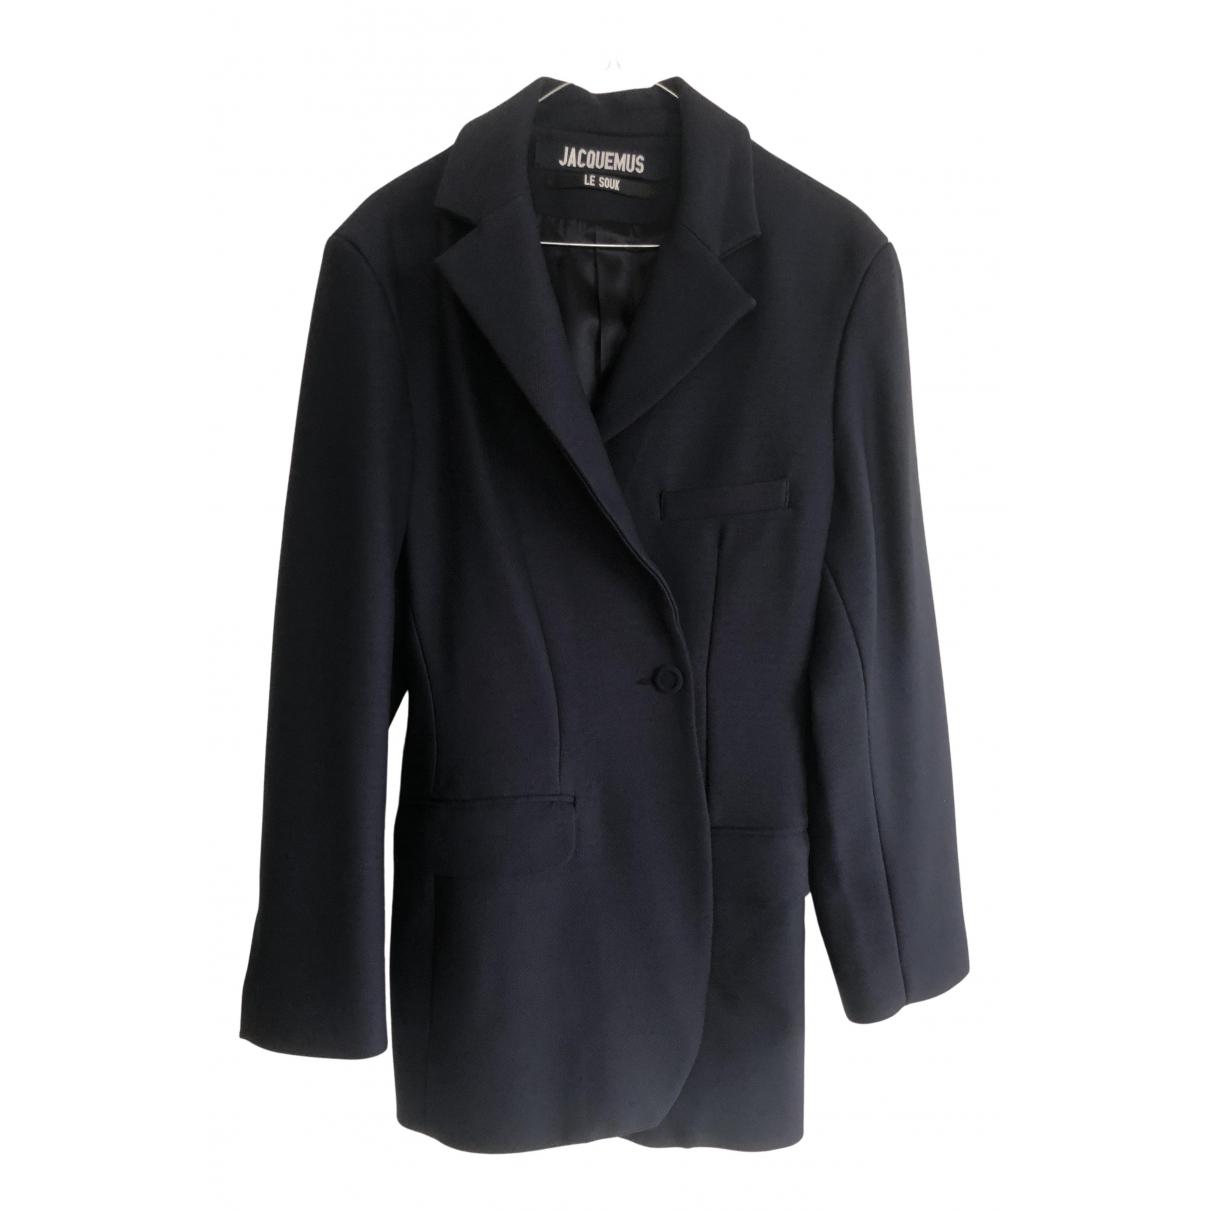 Jacquemus - Veste Le Souk pour femme en laine - bleu